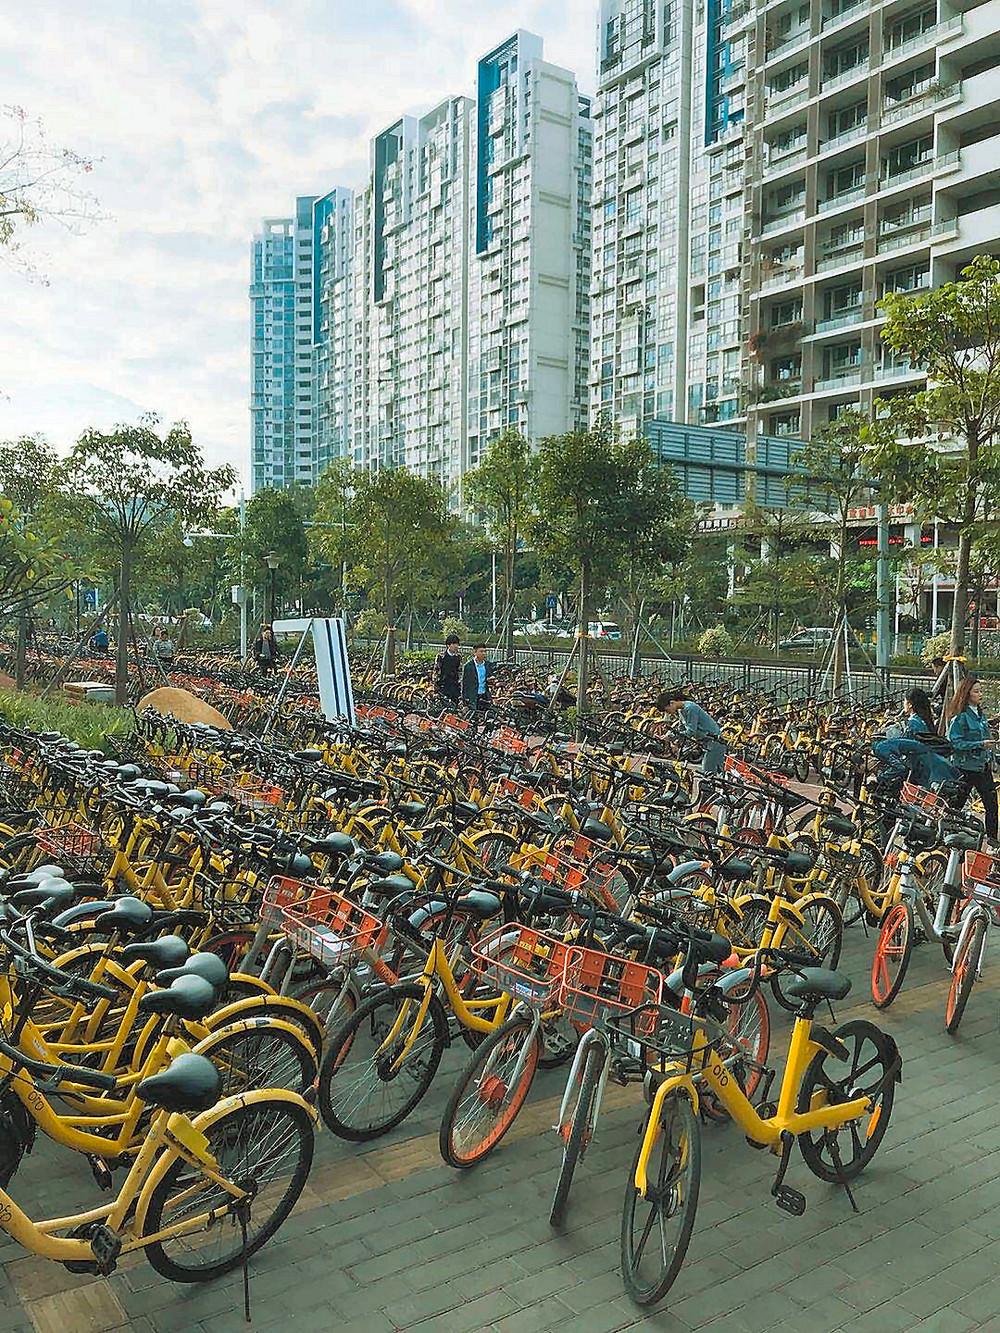 日本で定着するか「自転車シェアリング」 短距離移動に利便性、健康増進にも